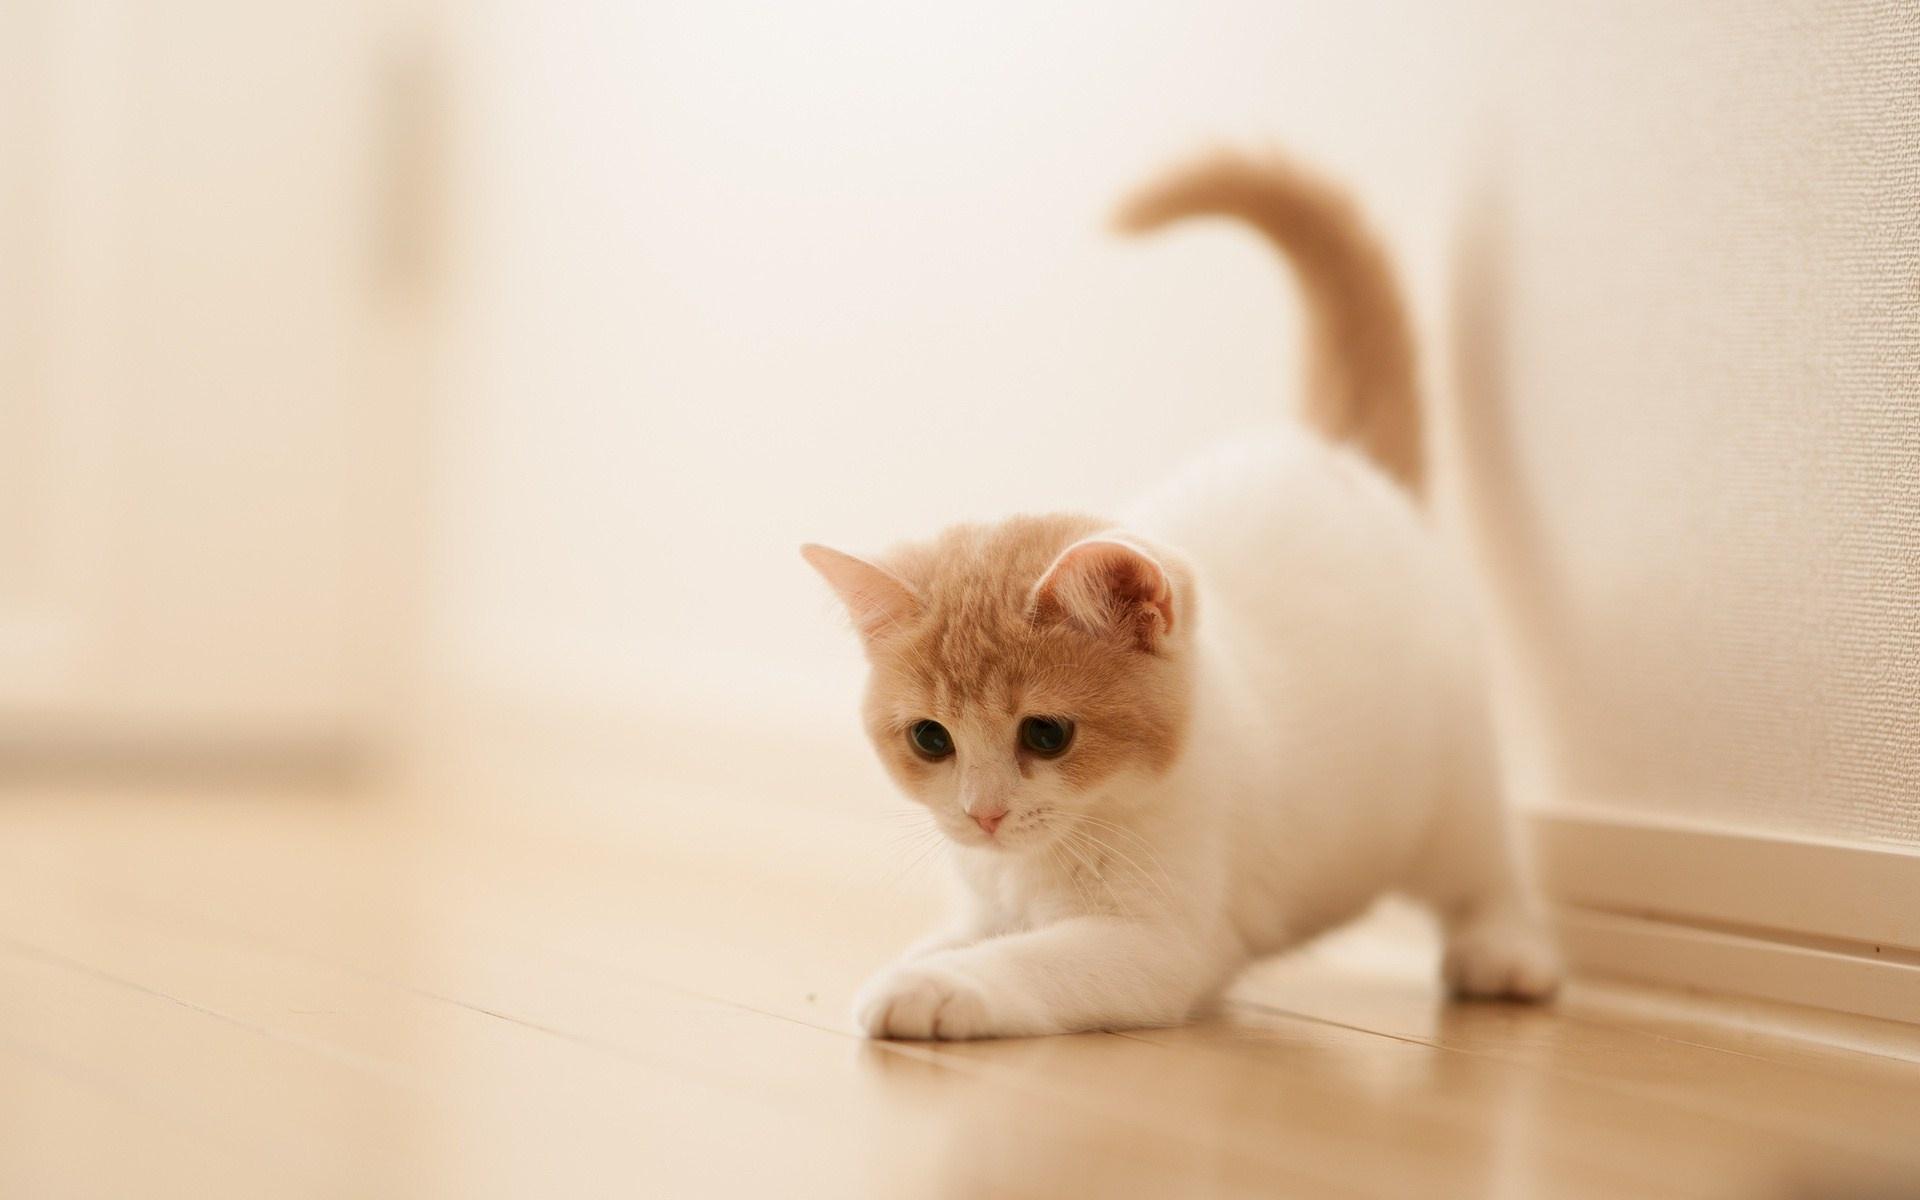 Nice Cute Image Cat Cute Wallpaper 12540